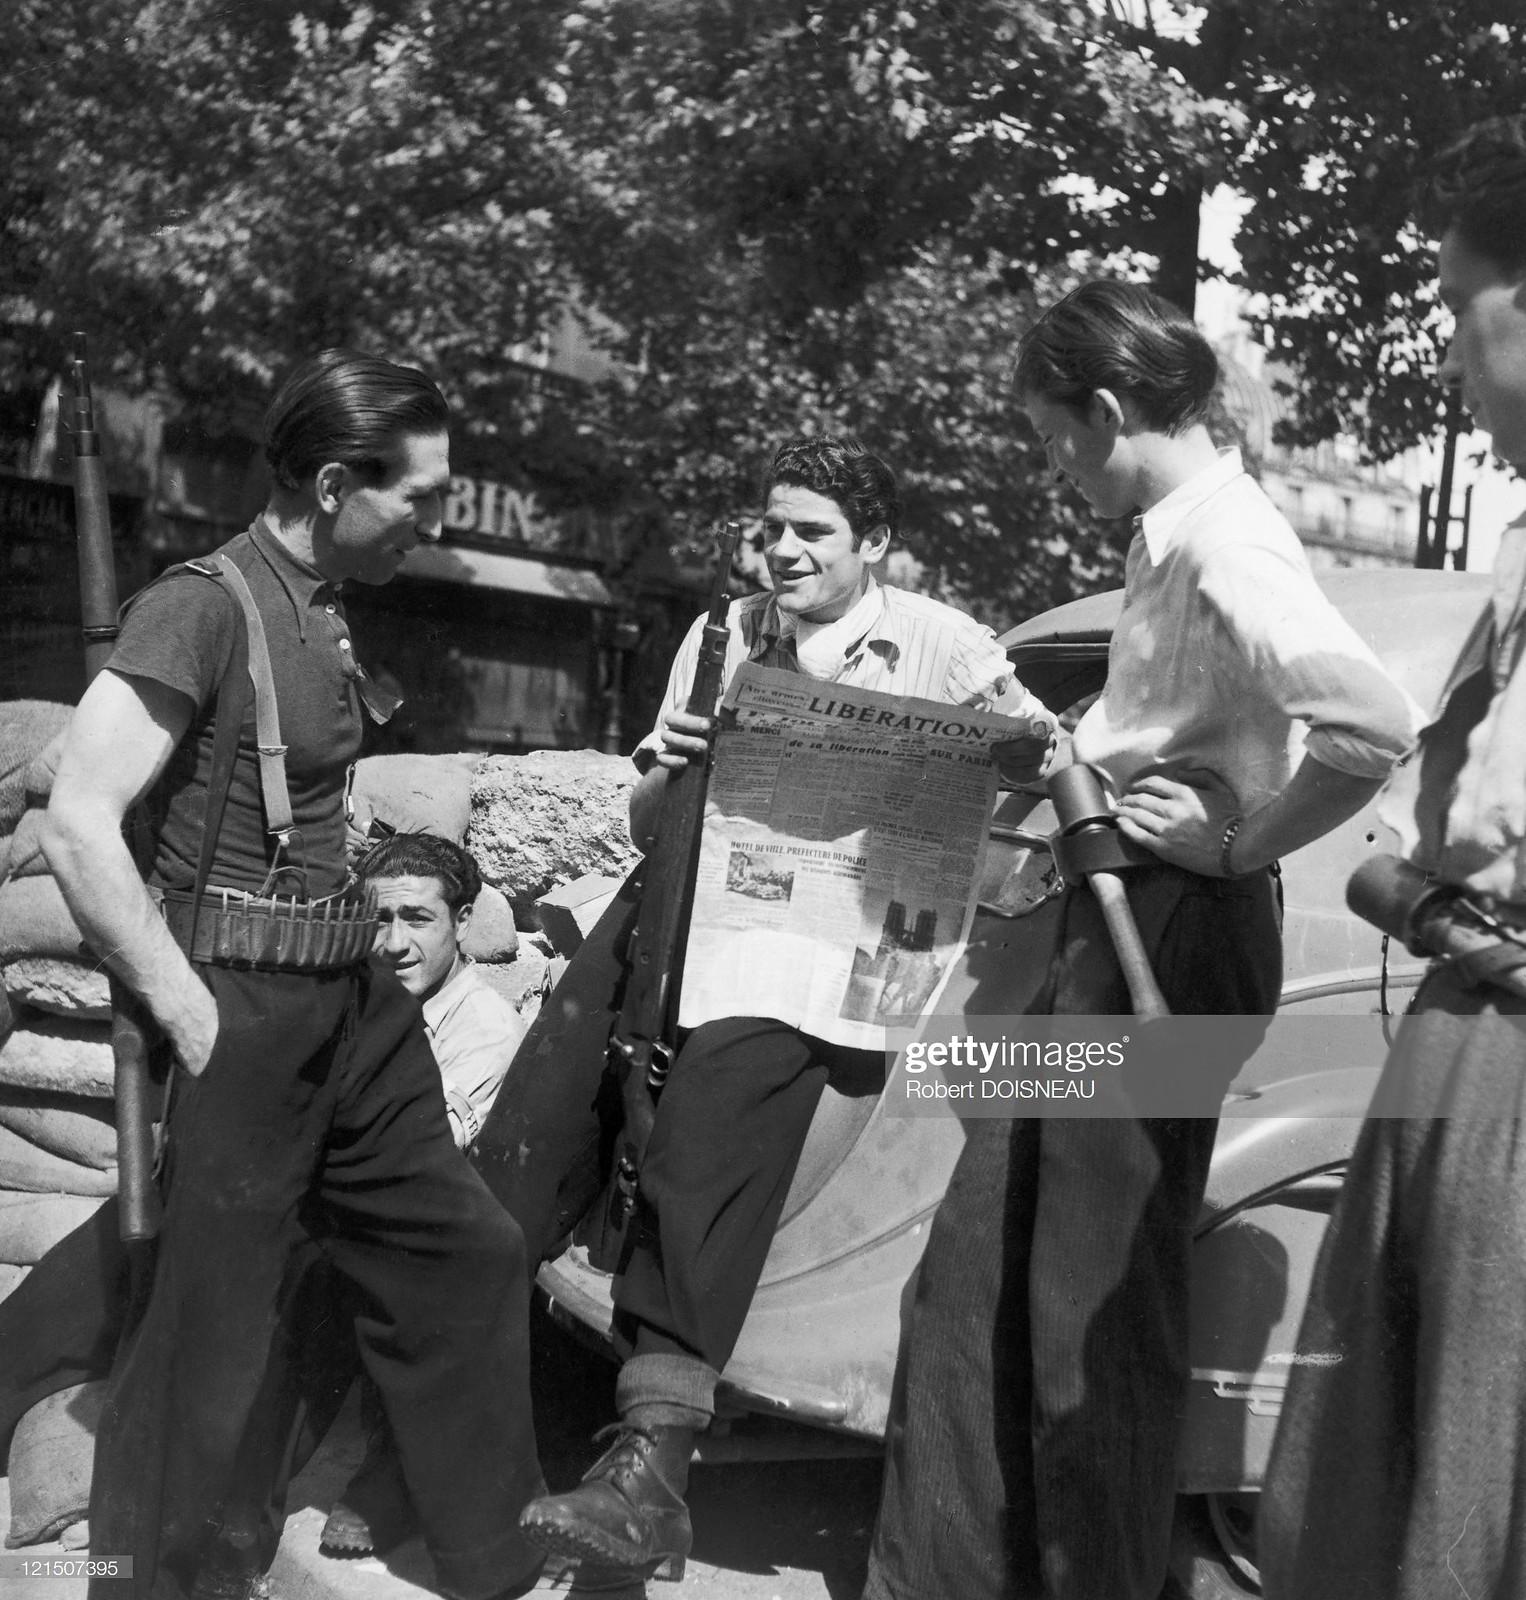 1944. Некоторые члены французского Сопротивления читают на баррикадах подпольную газету «Liberation», официально продававшуюся с 21 августа